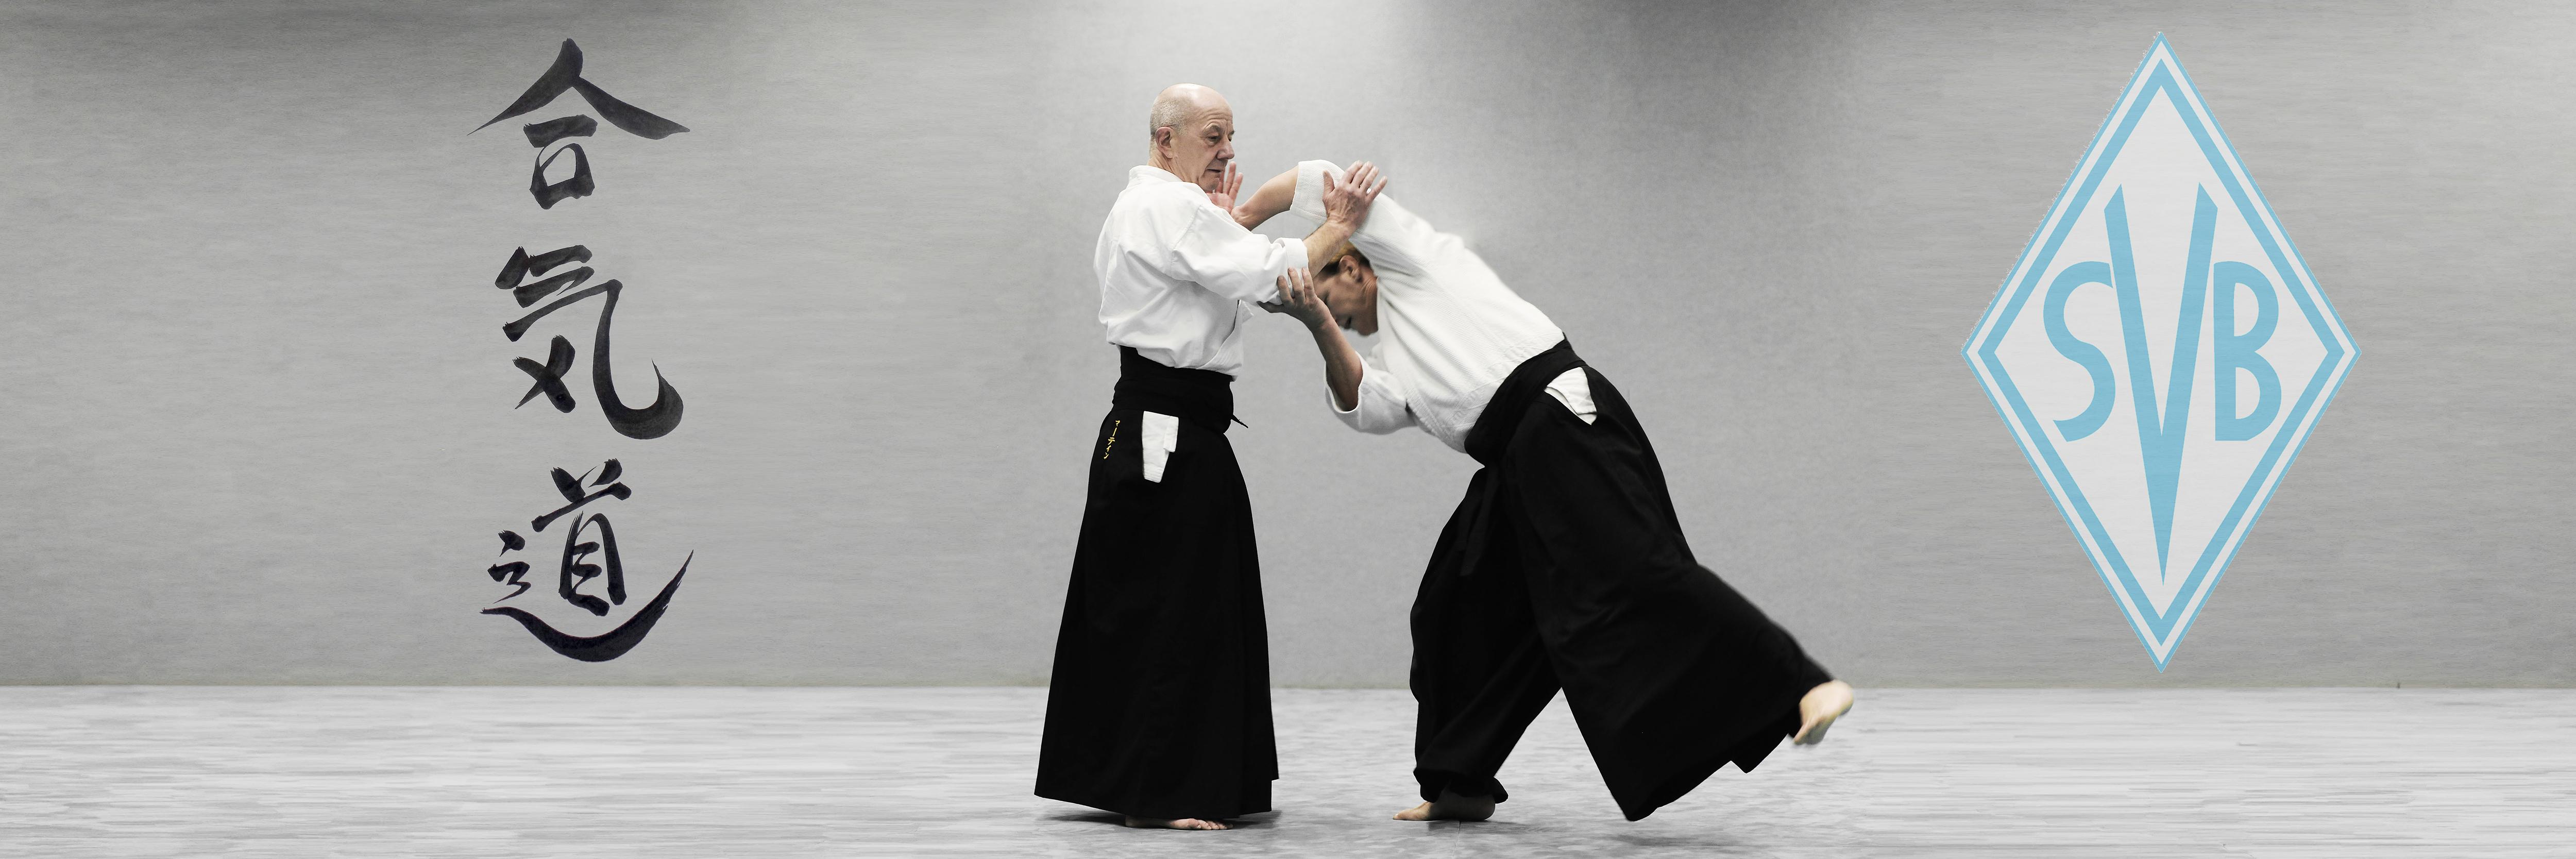 SVB Aikido